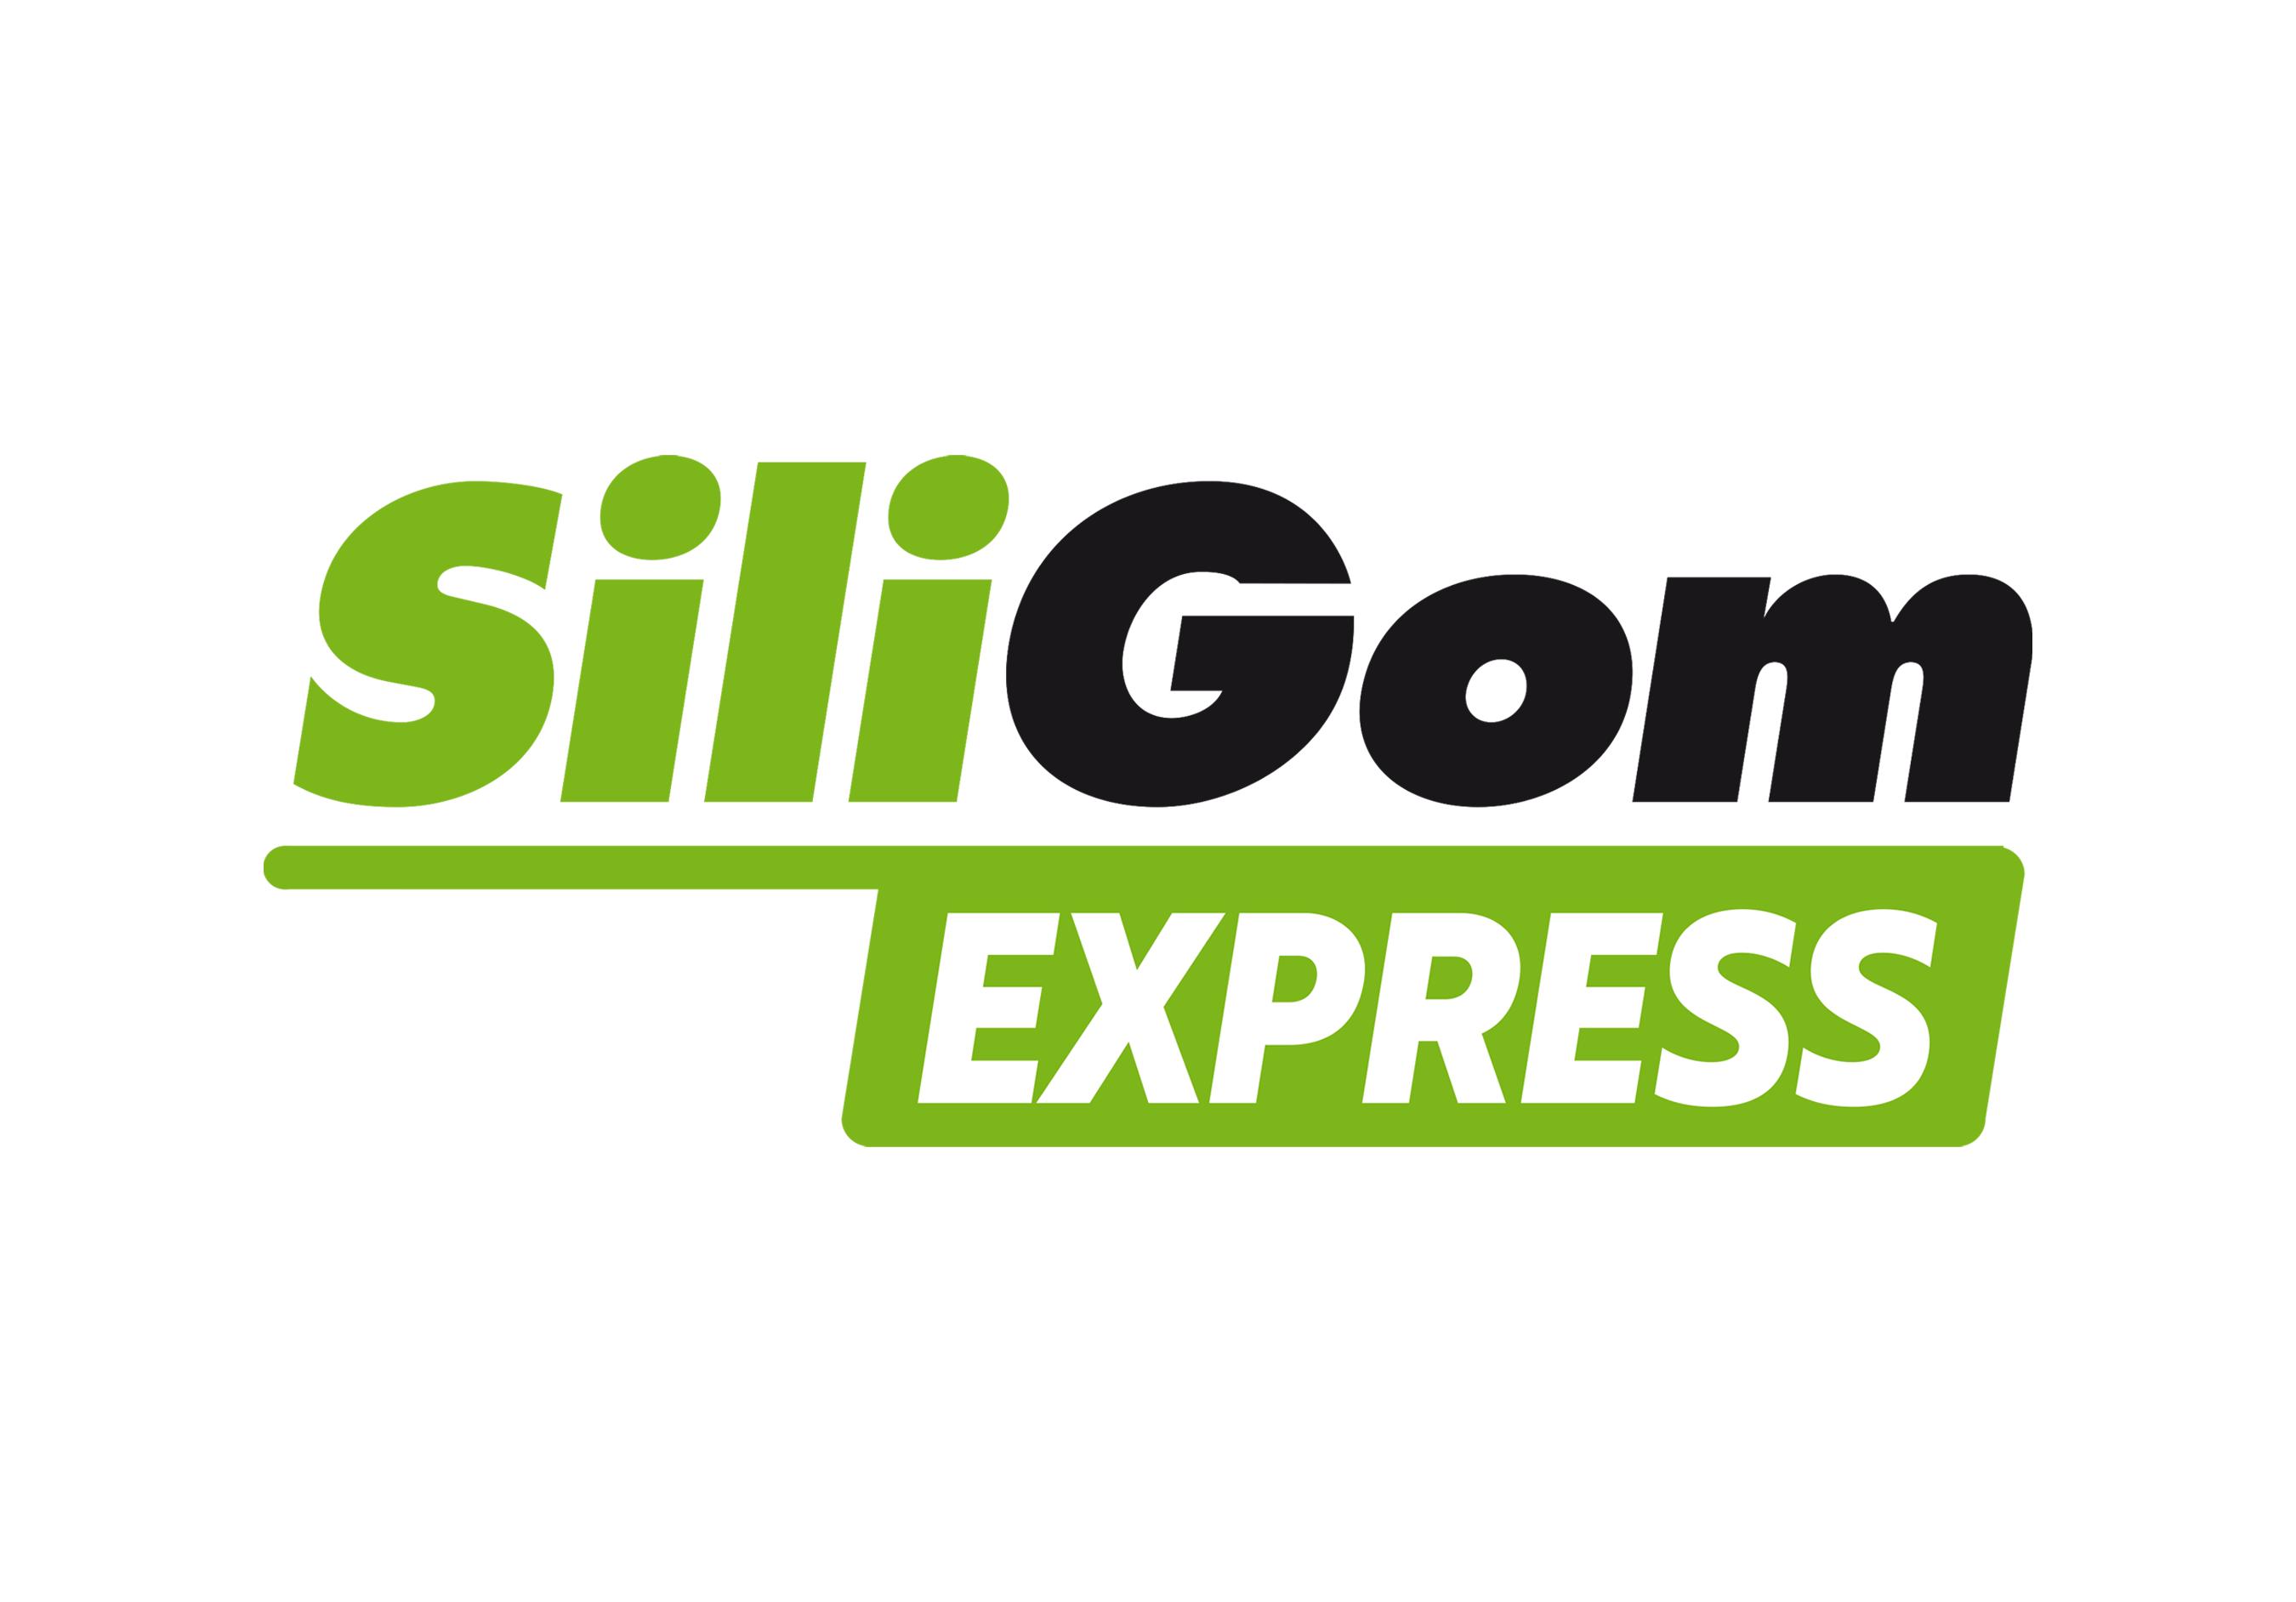 SILIGOM EXPRESS - MARCAILLE PNEUS garage d'automobile, réparation